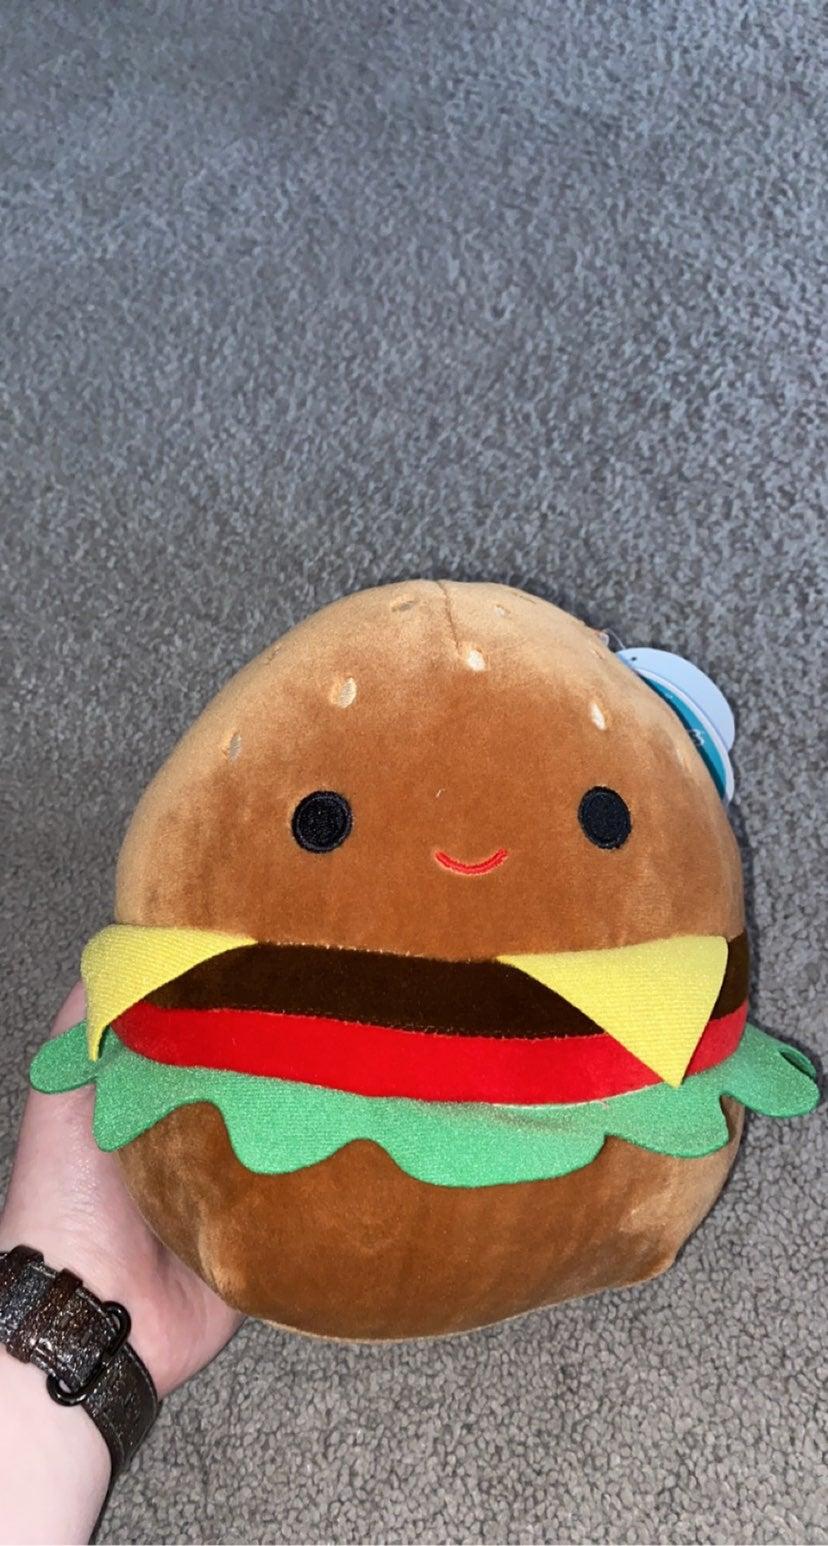 squishmallow burger